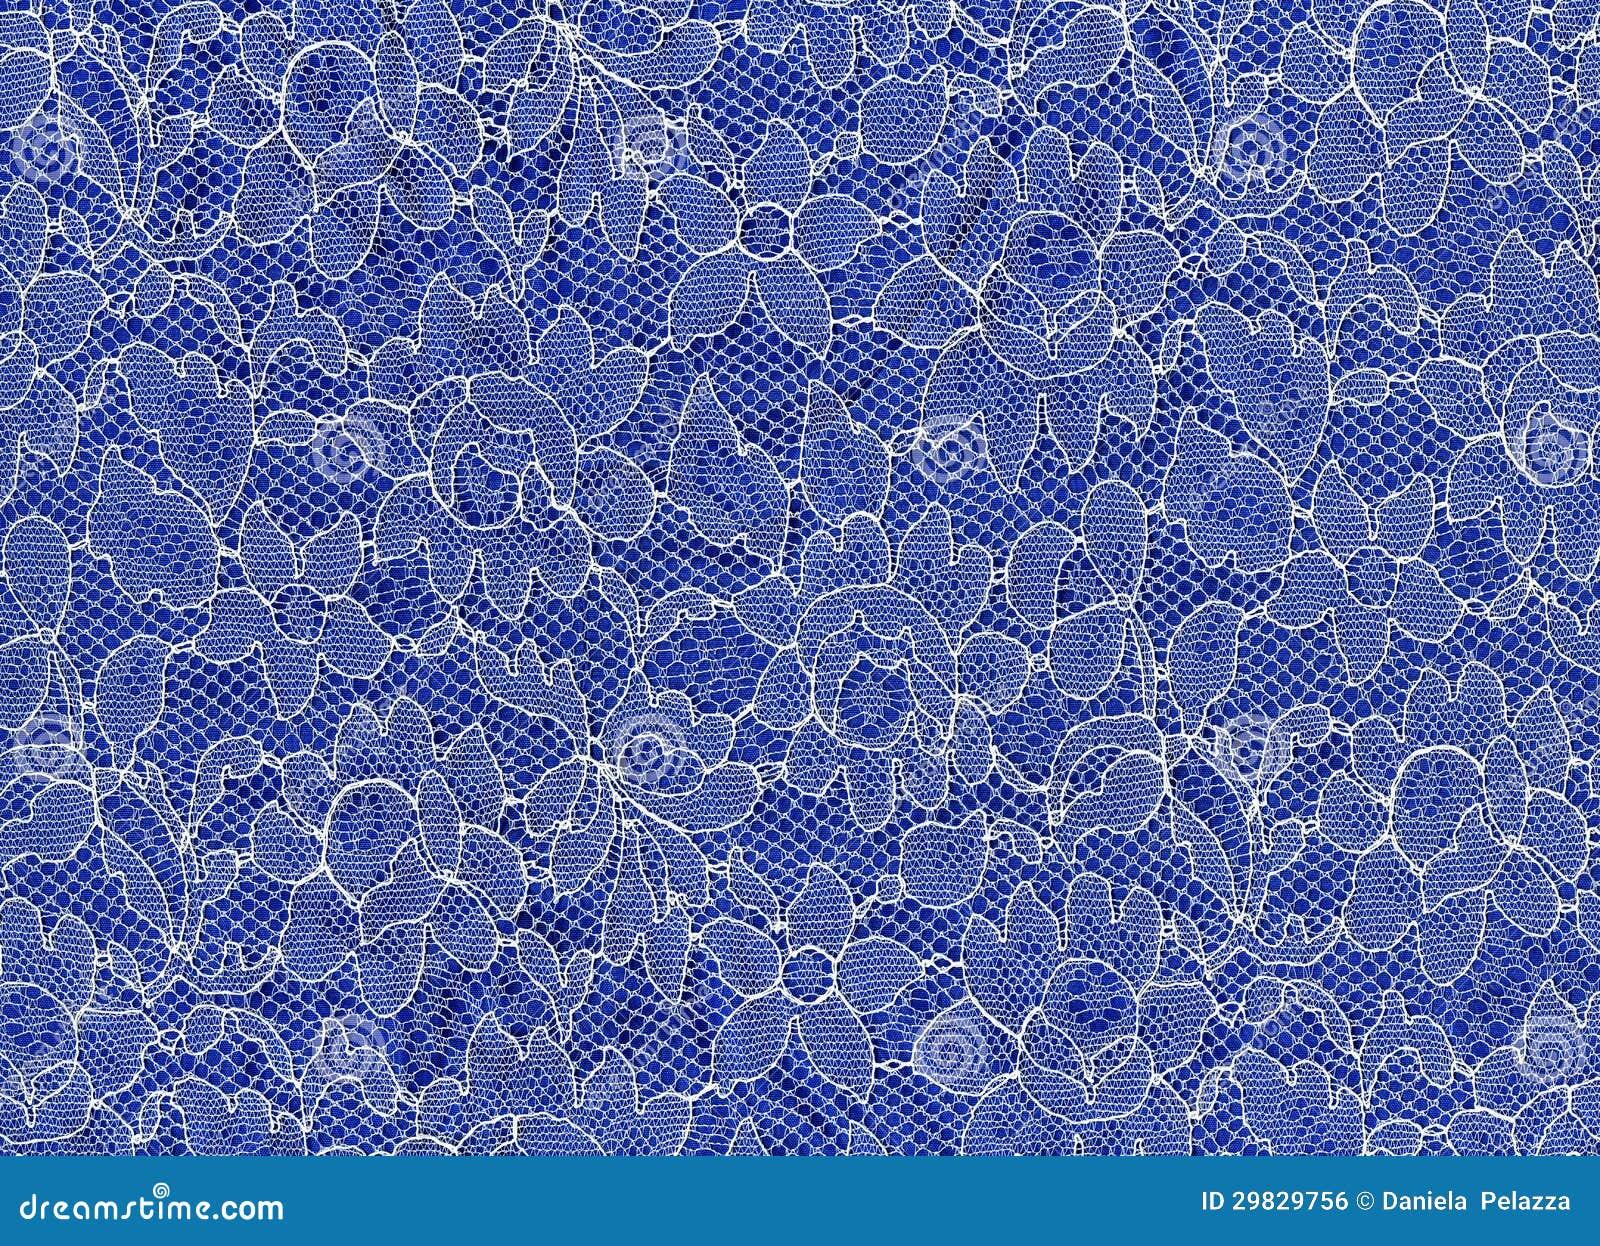 Tela (laço branco na tela azul)